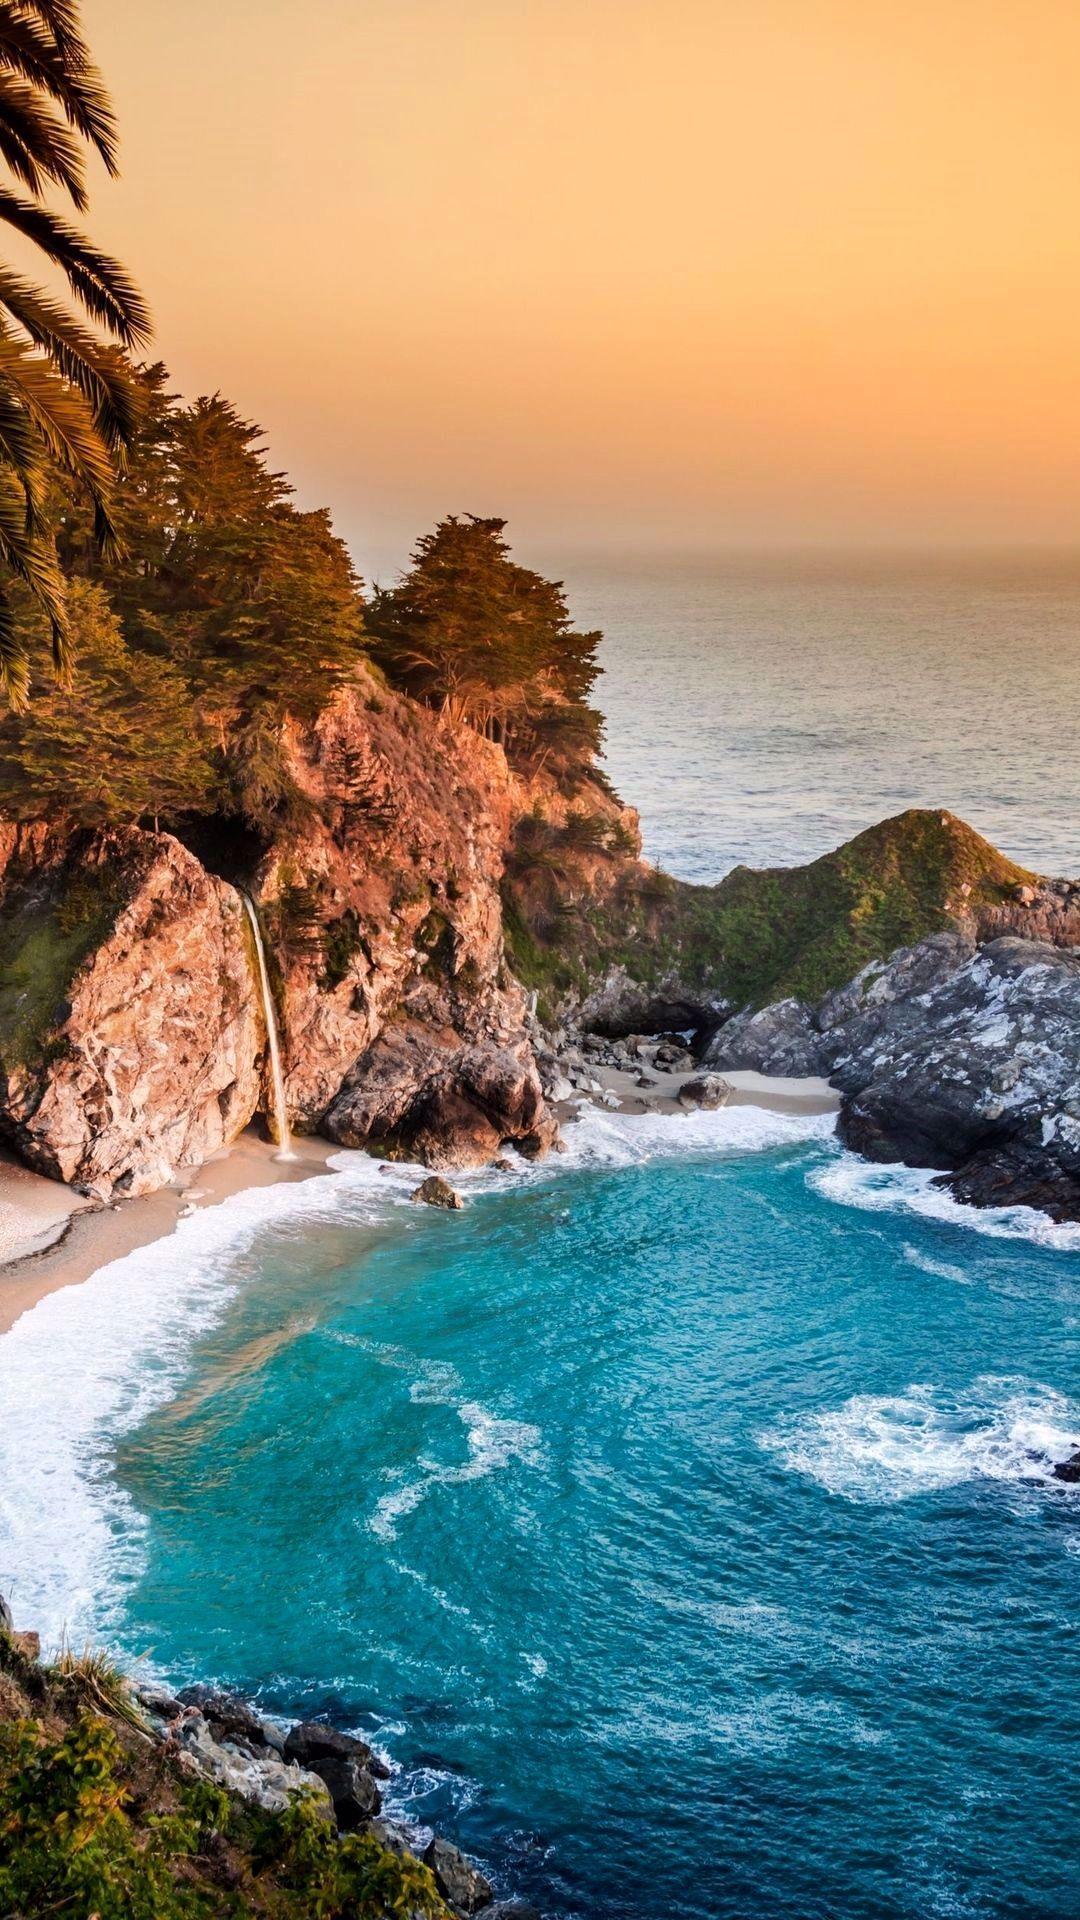 Nature 4k Wallpaper Zip File Trick In 2020 Beach Wallpaper Ocean Wallpaper Big Sur